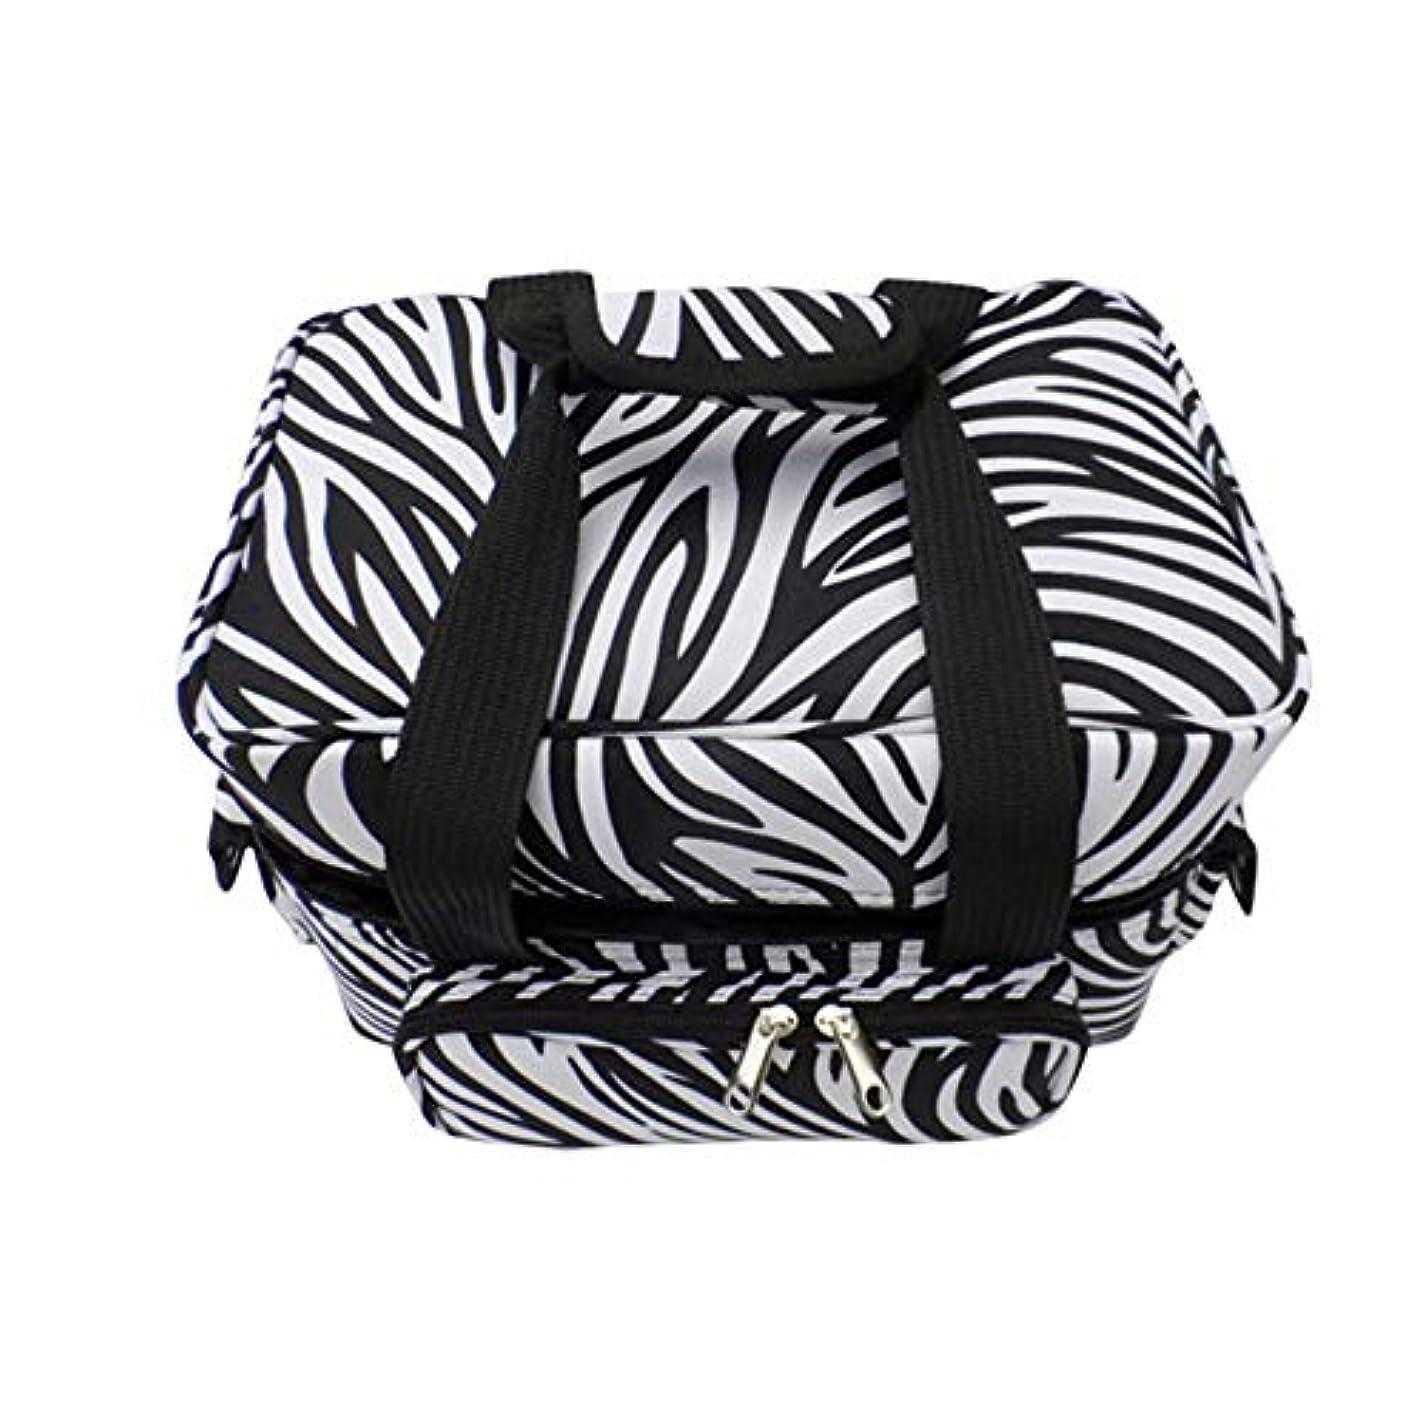 代数的幻滅するセブン化粧オーガナイザーバッグ ゼブラストライプポータブル化粧品バッグ美容メイクアップと女の子女性旅行とジッパーとトレイで毎日のストレージ 化粧品ケース